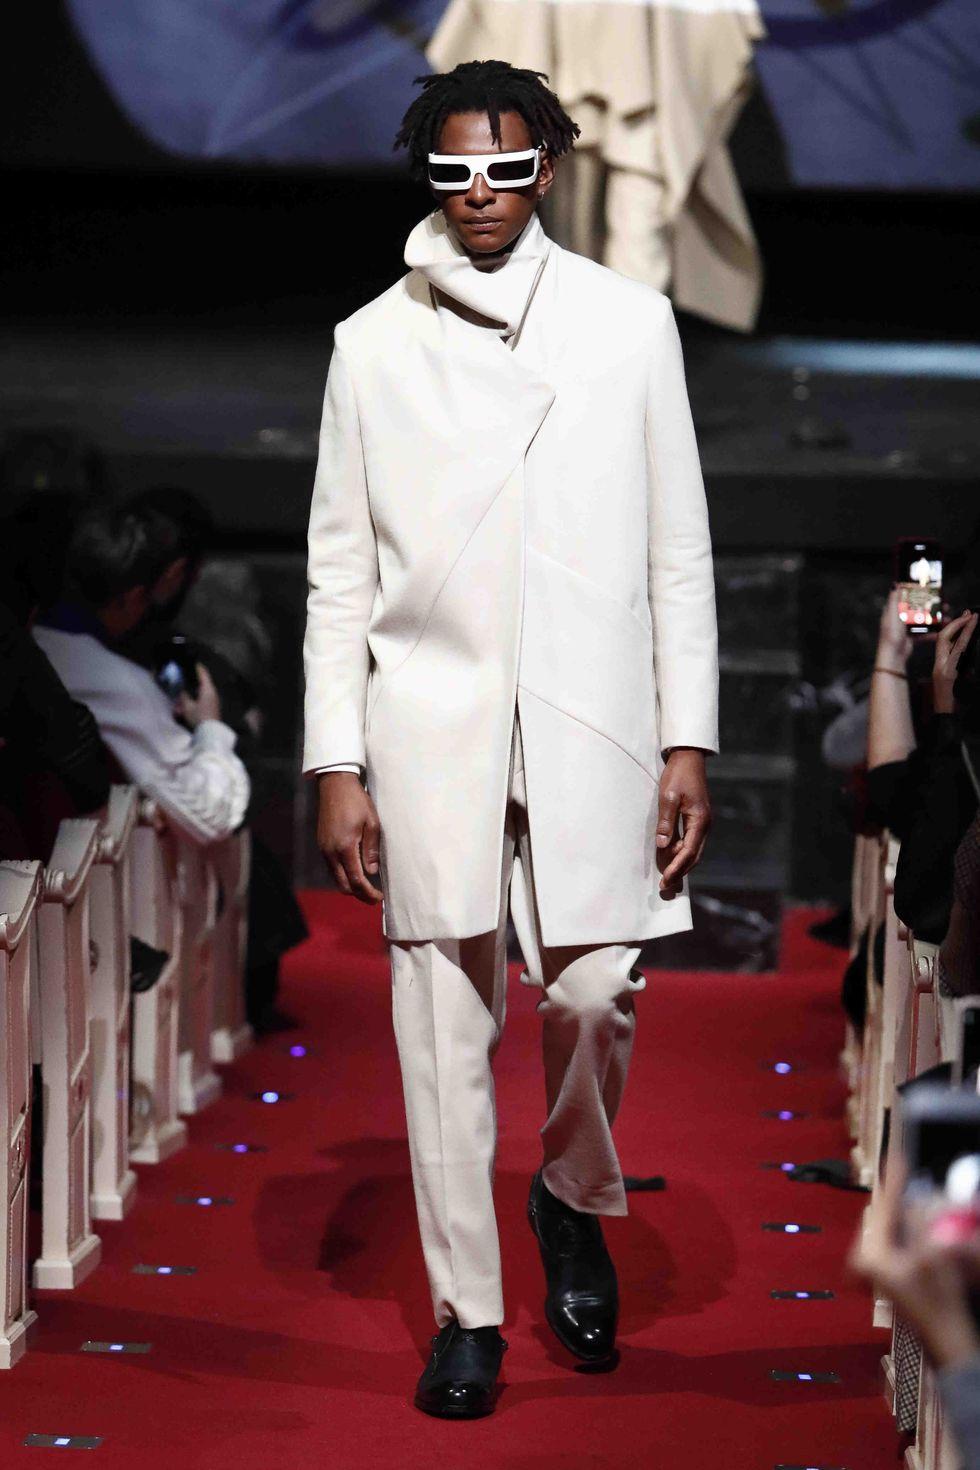 OTEYZA: la modernidad y elegancia de la moda masculina